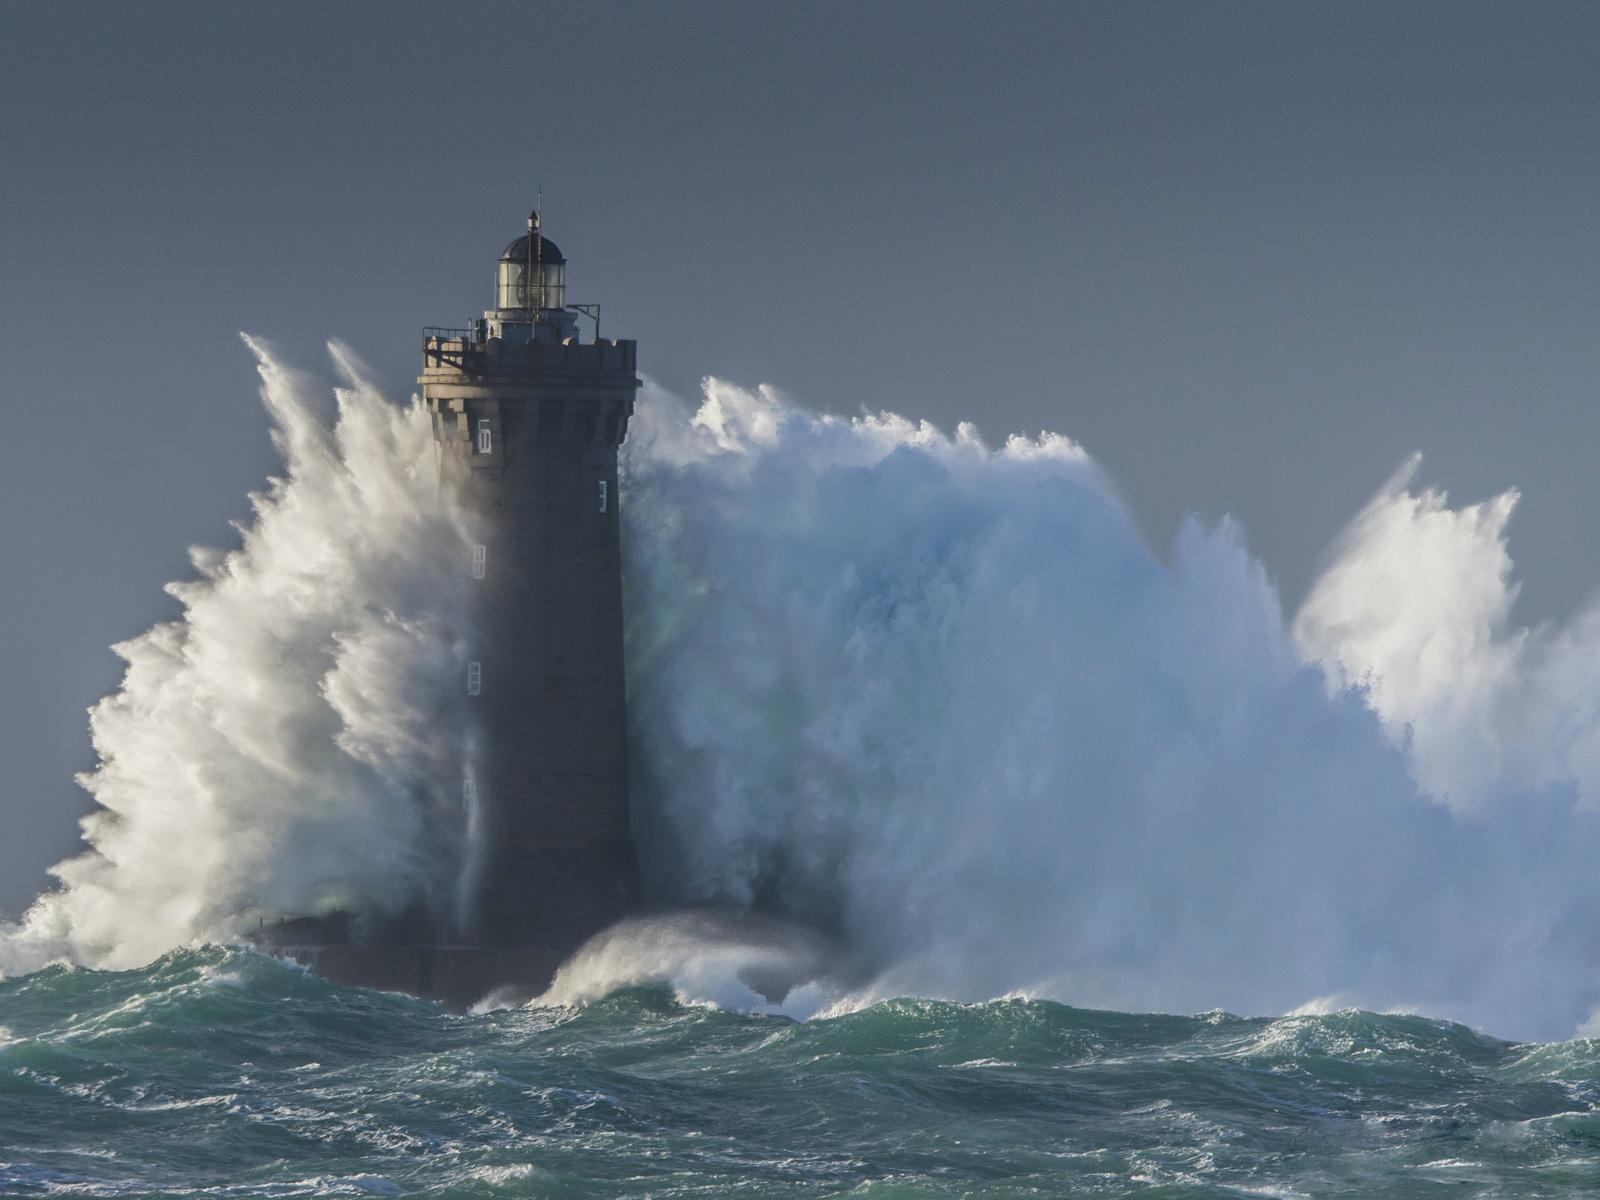 маяк, шторм, брызги